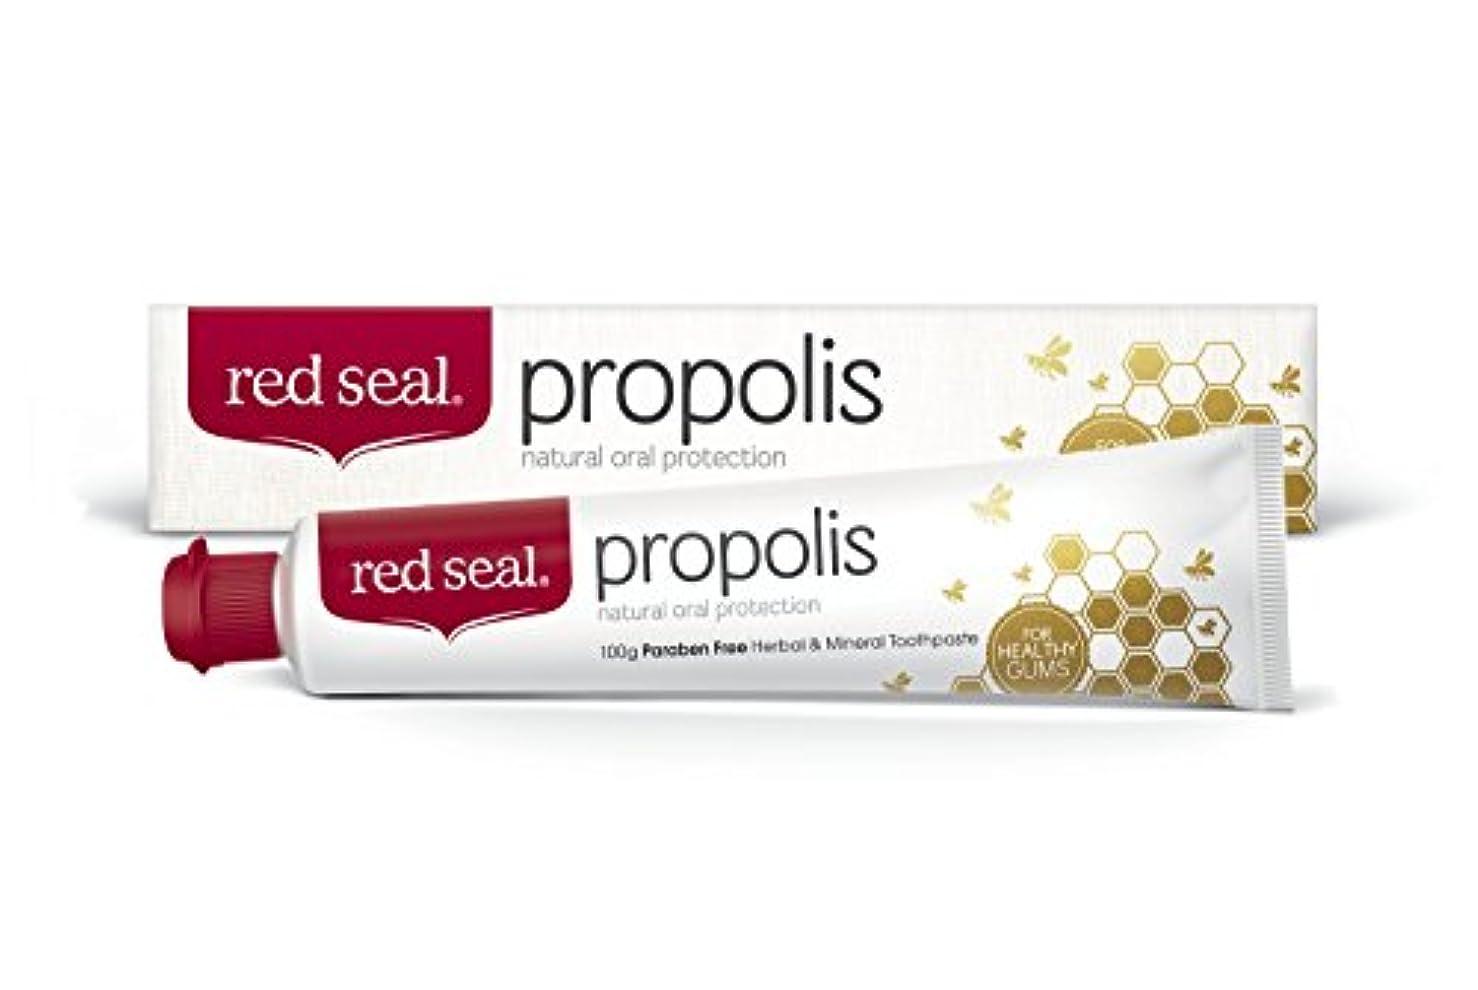 ベーリング海峡潜在的な聴衆red seal propolois 歯磨き粉 100g